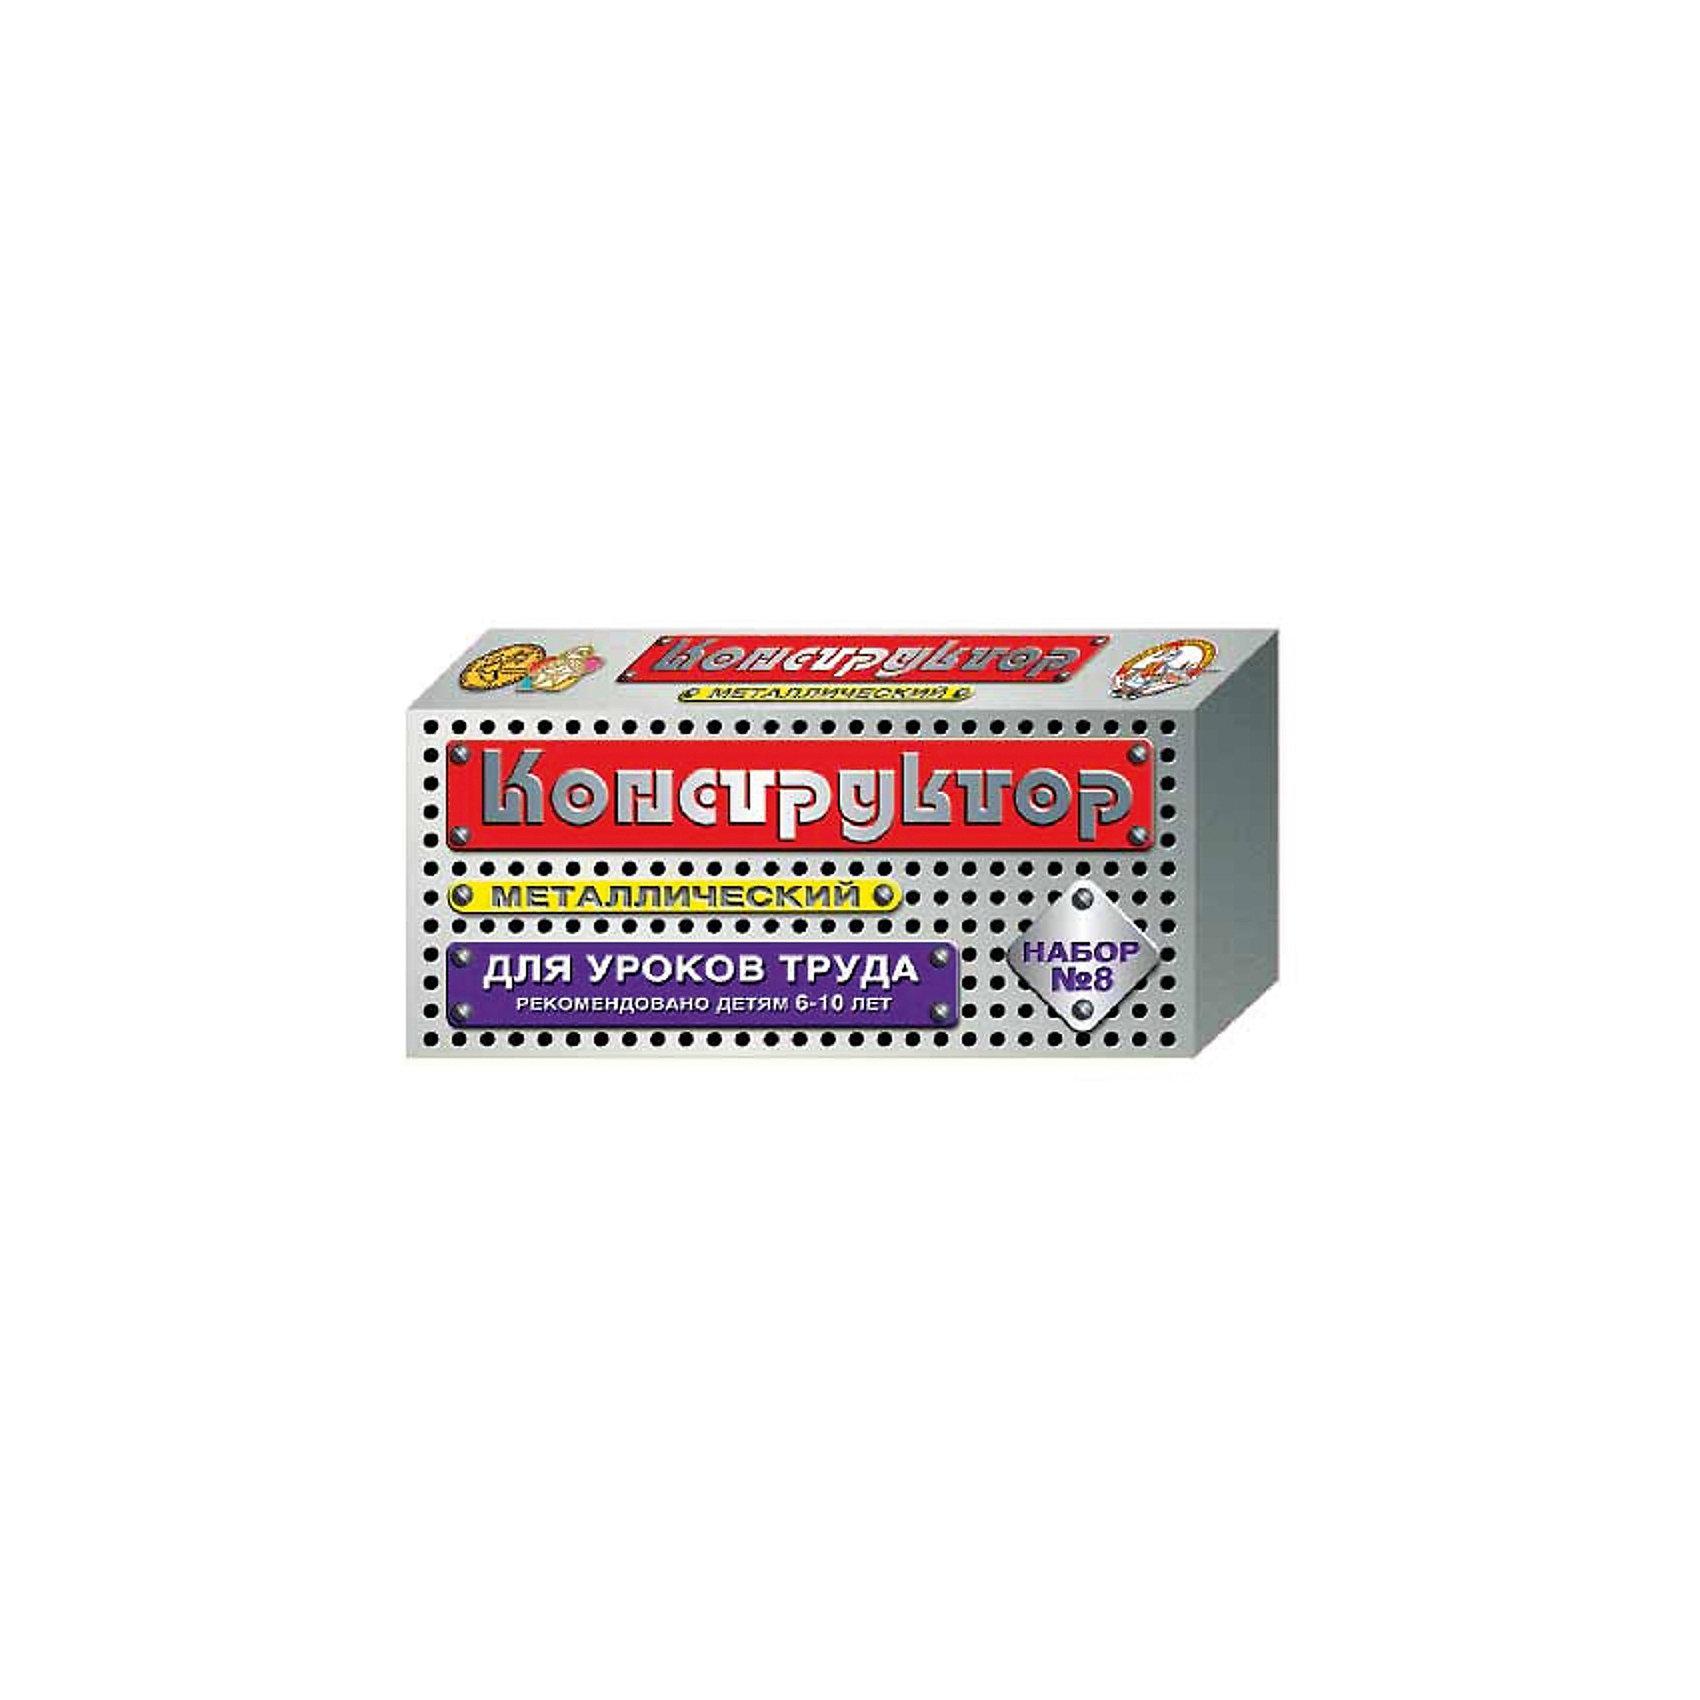 Конструктор металлический, 72 детали, Десятое королевствоМеталлические конструкторы<br>Конструктор металлический, 72 детали, Десятое королевство<br><br>Характеристики: <br><br>• Возраст: от 6 лет<br>• Материал: металл<br>• В комплекте: 72 детали<br><br>Данный металлический конструктор состоит из различных по размеру деталей и позволяет собрать множество видов транспорта - самолет, машину, велосипед и тд. Он создан из качественного, безопасного для детей материала и в него удобно играть, как в одиночку, так и в компании. Набор содержит инструкцию для удобства сборки и соответствует передовым требованиям качества.<br><br>Конструктор металлический, 72 детали, Десятое королевство можно купить в нашем интернет-магазине.<br><br>Ширина мм: 230<br>Глубина мм: 100<br>Высота мм: 35<br>Вес г: 294<br>Возраст от месяцев: 84<br>Возраст до месяцев: 2147483647<br>Пол: Мужской<br>Возраст: Детский<br>SKU: 5473795